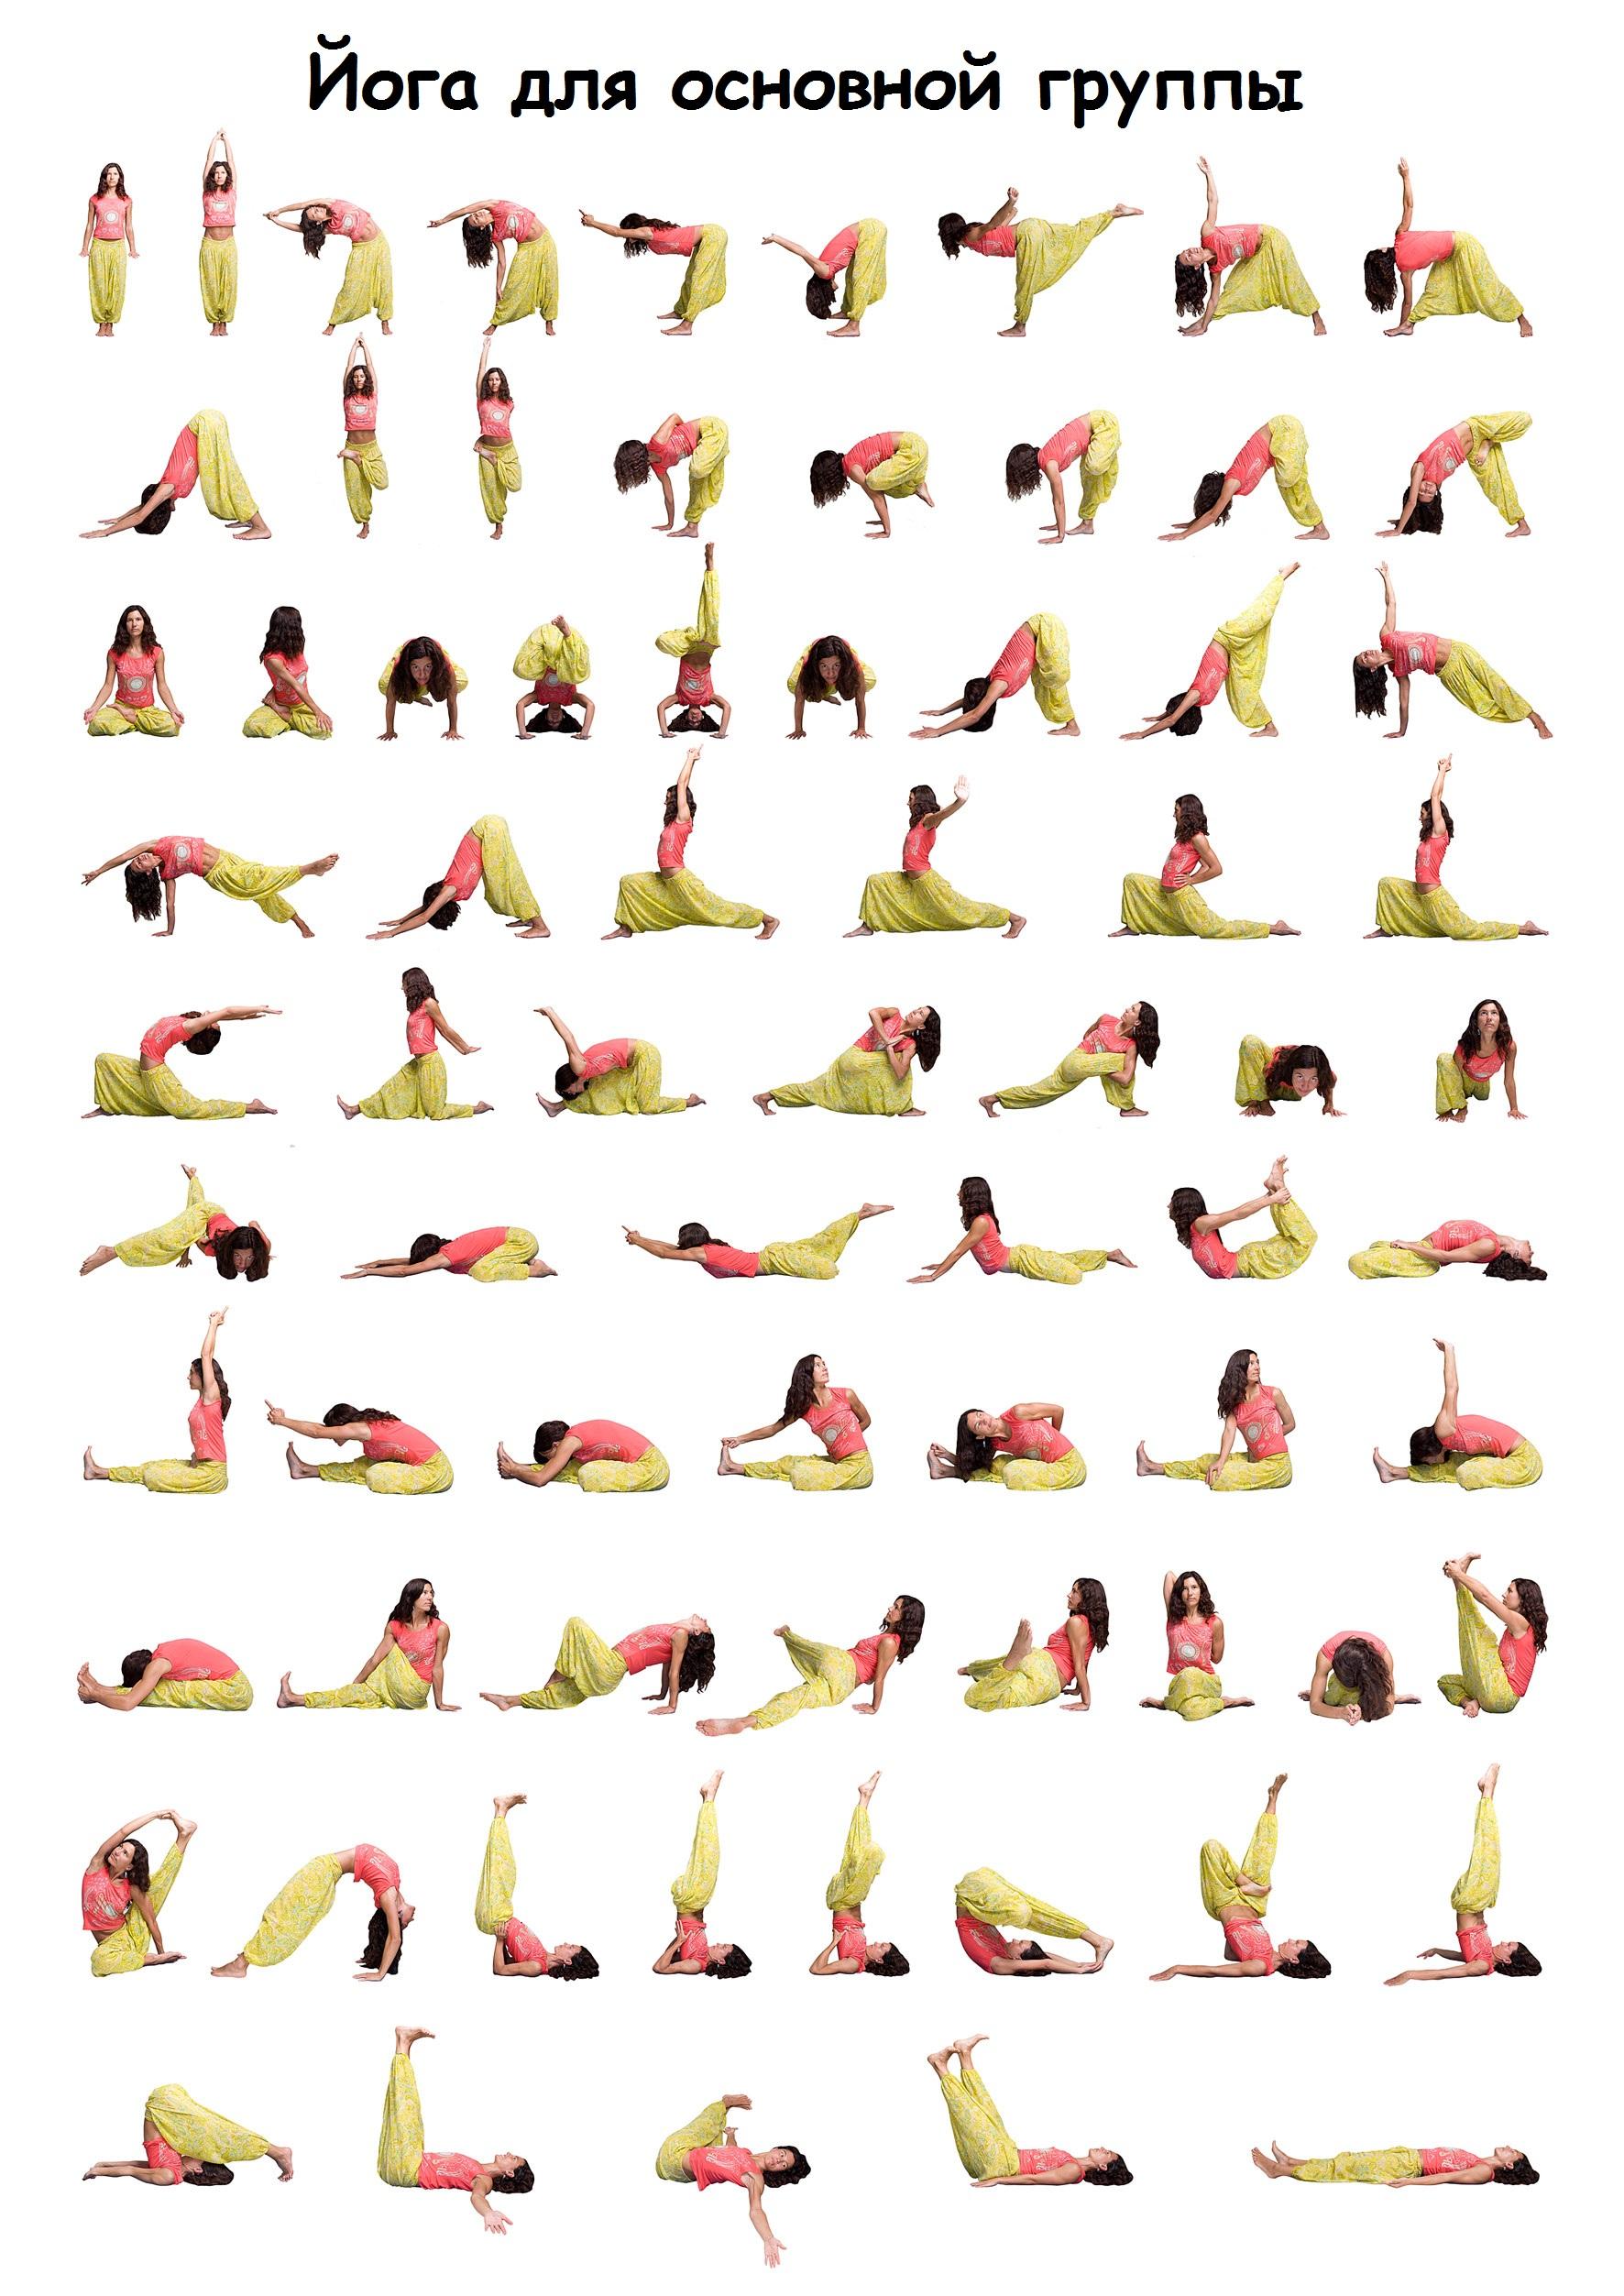 Комплекс упражнений для растяжки с картинками